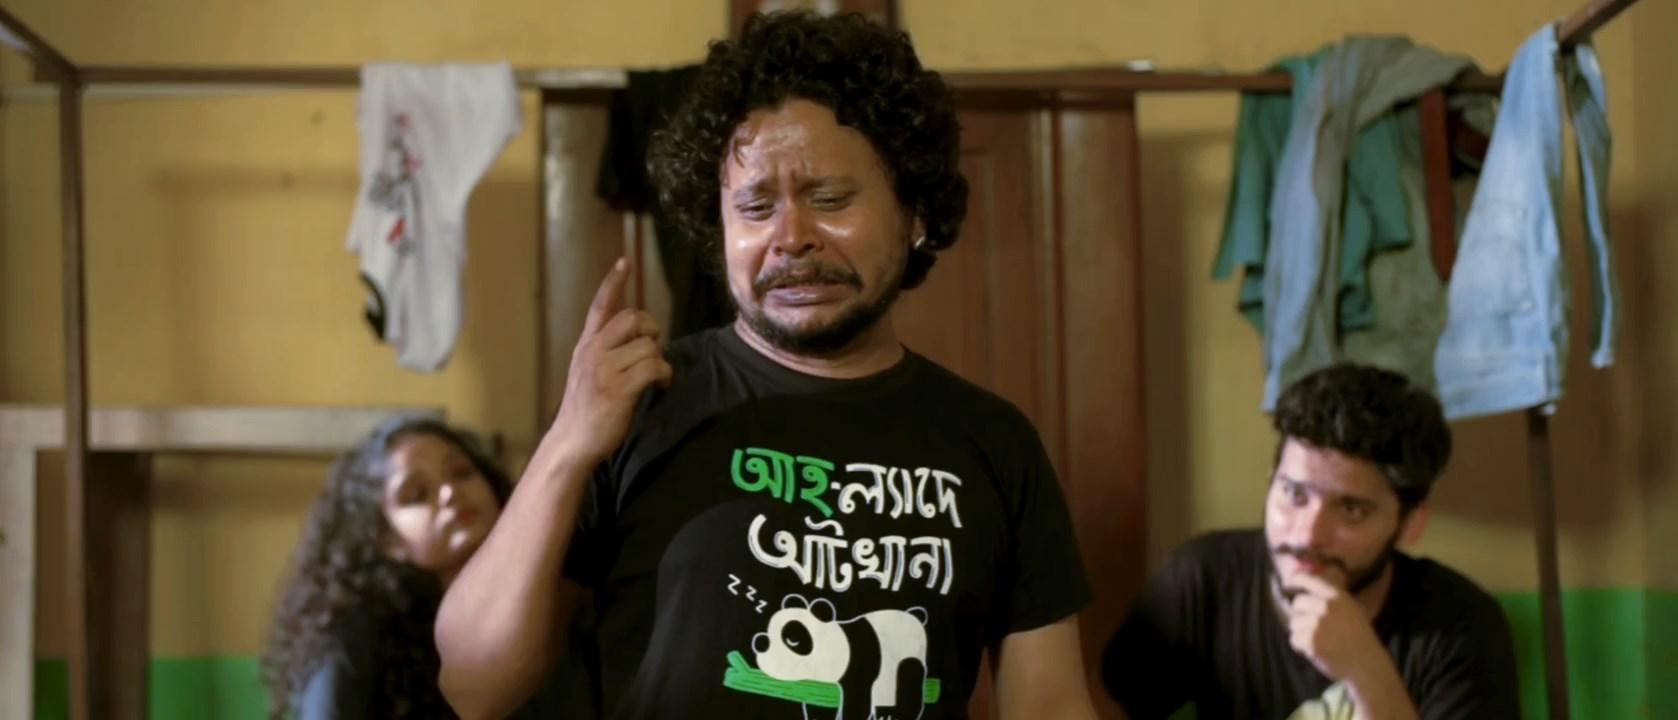 Jogakhichuri (2021) Bengali 720p HDRip.mkv snapshot 00.13.51.000